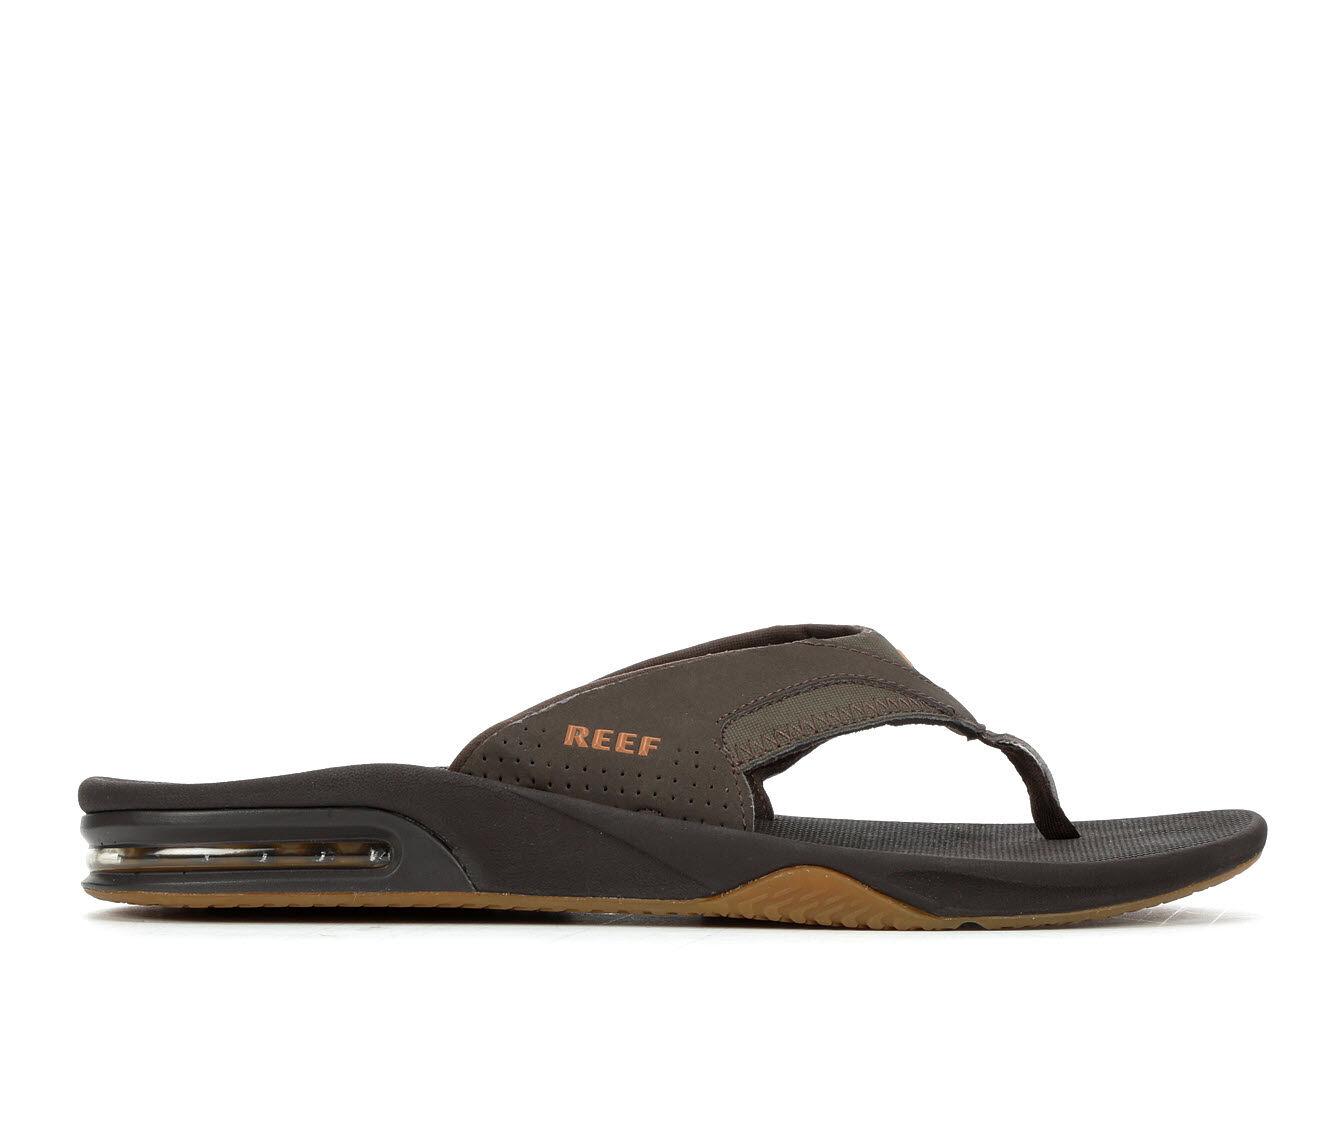 Men's Reef Fanning Flip-Flops Brown/Gum